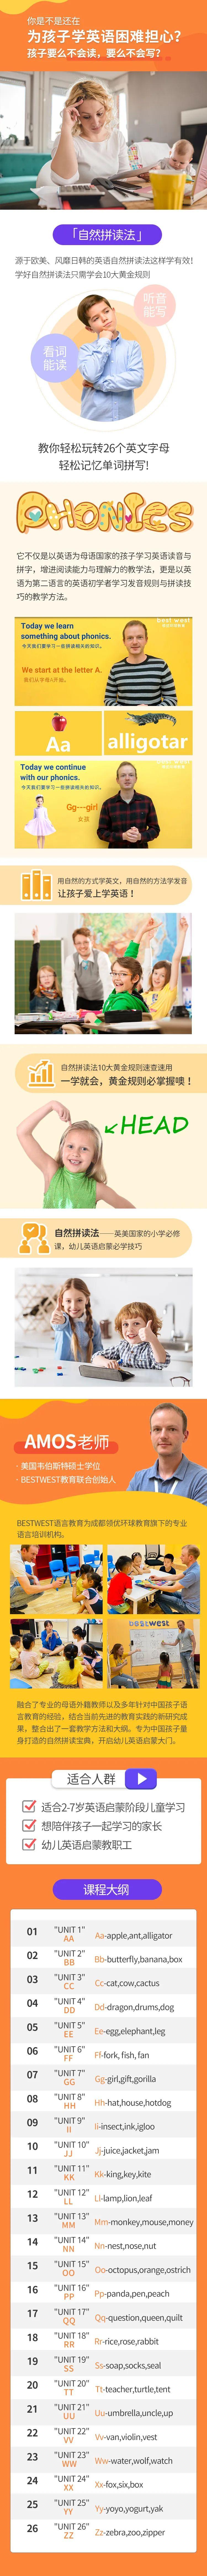 【幼儿英语启蒙】仅需12.9元,资深外教专为中国孩子打造的自然拼读课程,纯正美式发音,摆脱中式英语,26个字母发音解析+82个单词打卡练习,用自然的方式让孩子爱上英语,赢在起跑线